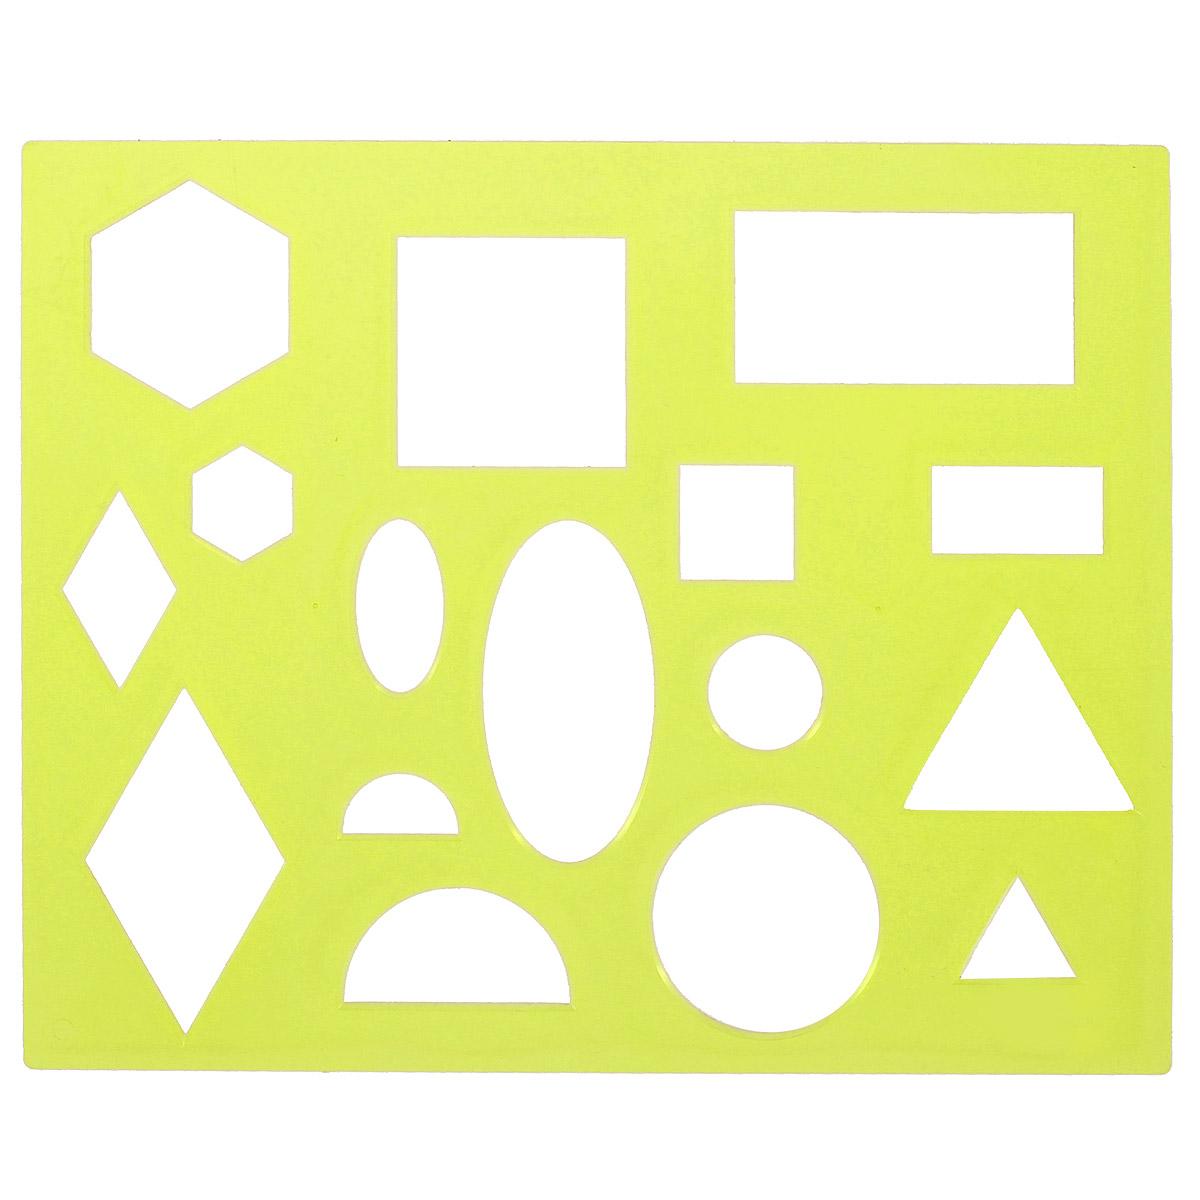 Трафарет Луч Геометрические фигуры № 1, цвет: желтый12С 836-08_ желтыйТрафарет Геометрические фигуры № 1, изготовленный из безопасного пластика, предназначен для удобного и быстрого изображения геометрических фигур и их комбинаций, а также для создания аппликаций. В трафарете вырезаны такие фигуры, как: круг, овал, полукруг, ромб, квадрат, прямоугольник и шестиугольник, которые встречаются дважды в разных размерах. Трафарет позволяет ребенку выучить названия и вид различных фигур, одновременно развивая мелкую моторику и навыки рисования, а также может применяться для оформительских работ.